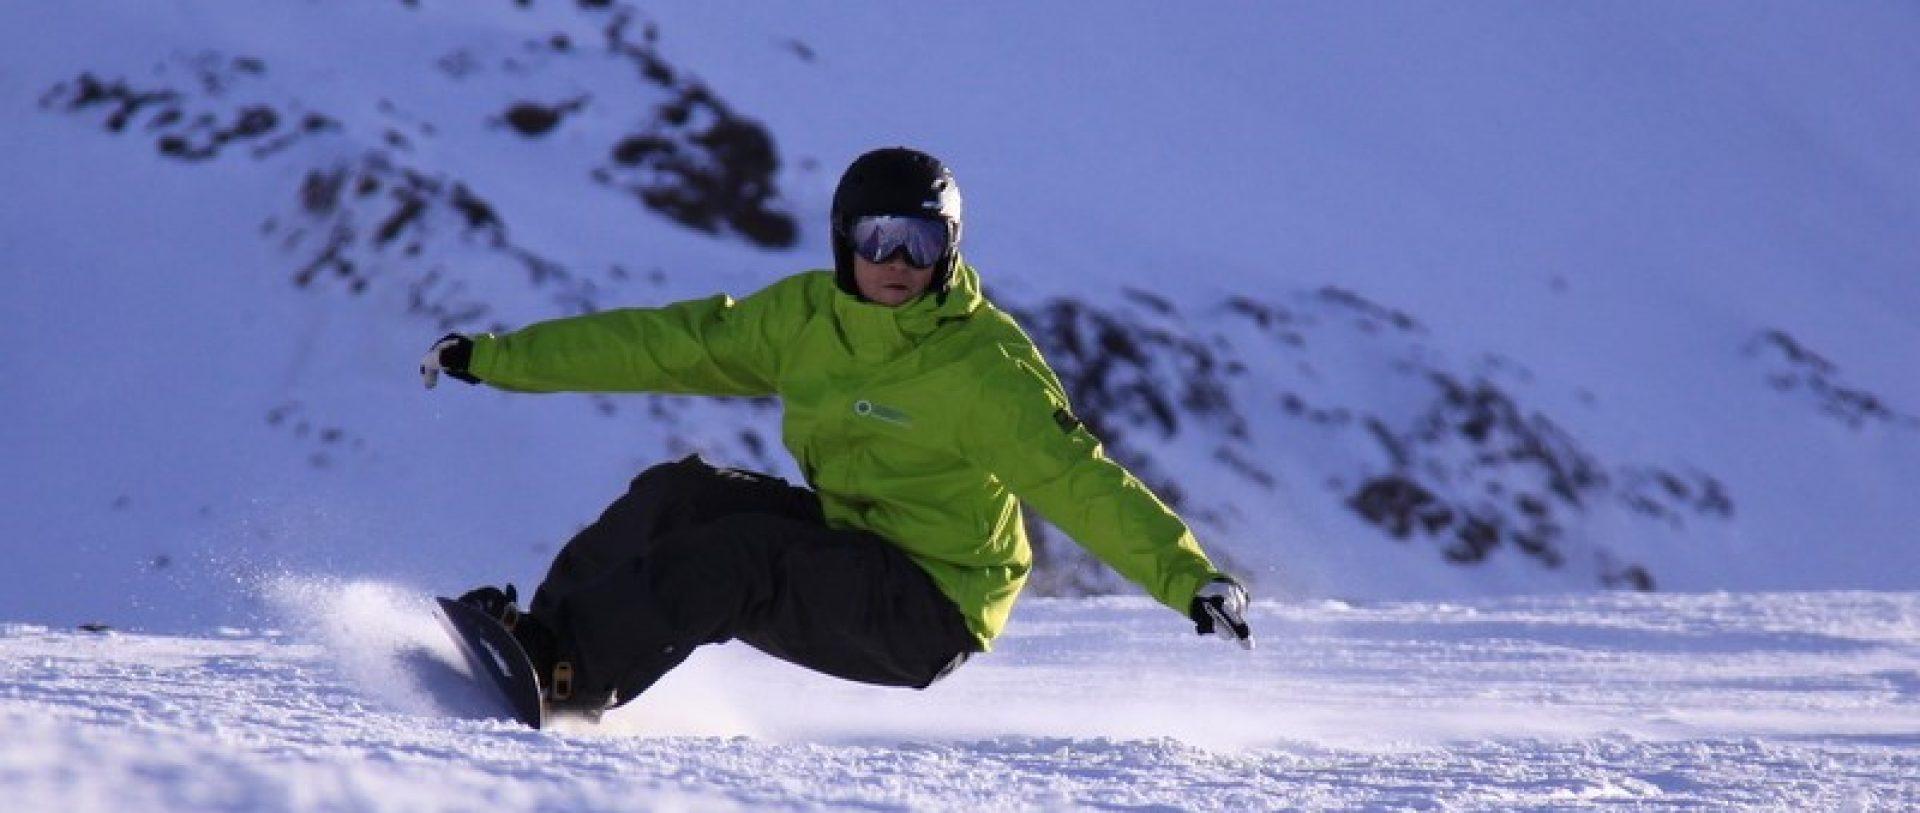 Snowboardschule Schönwald